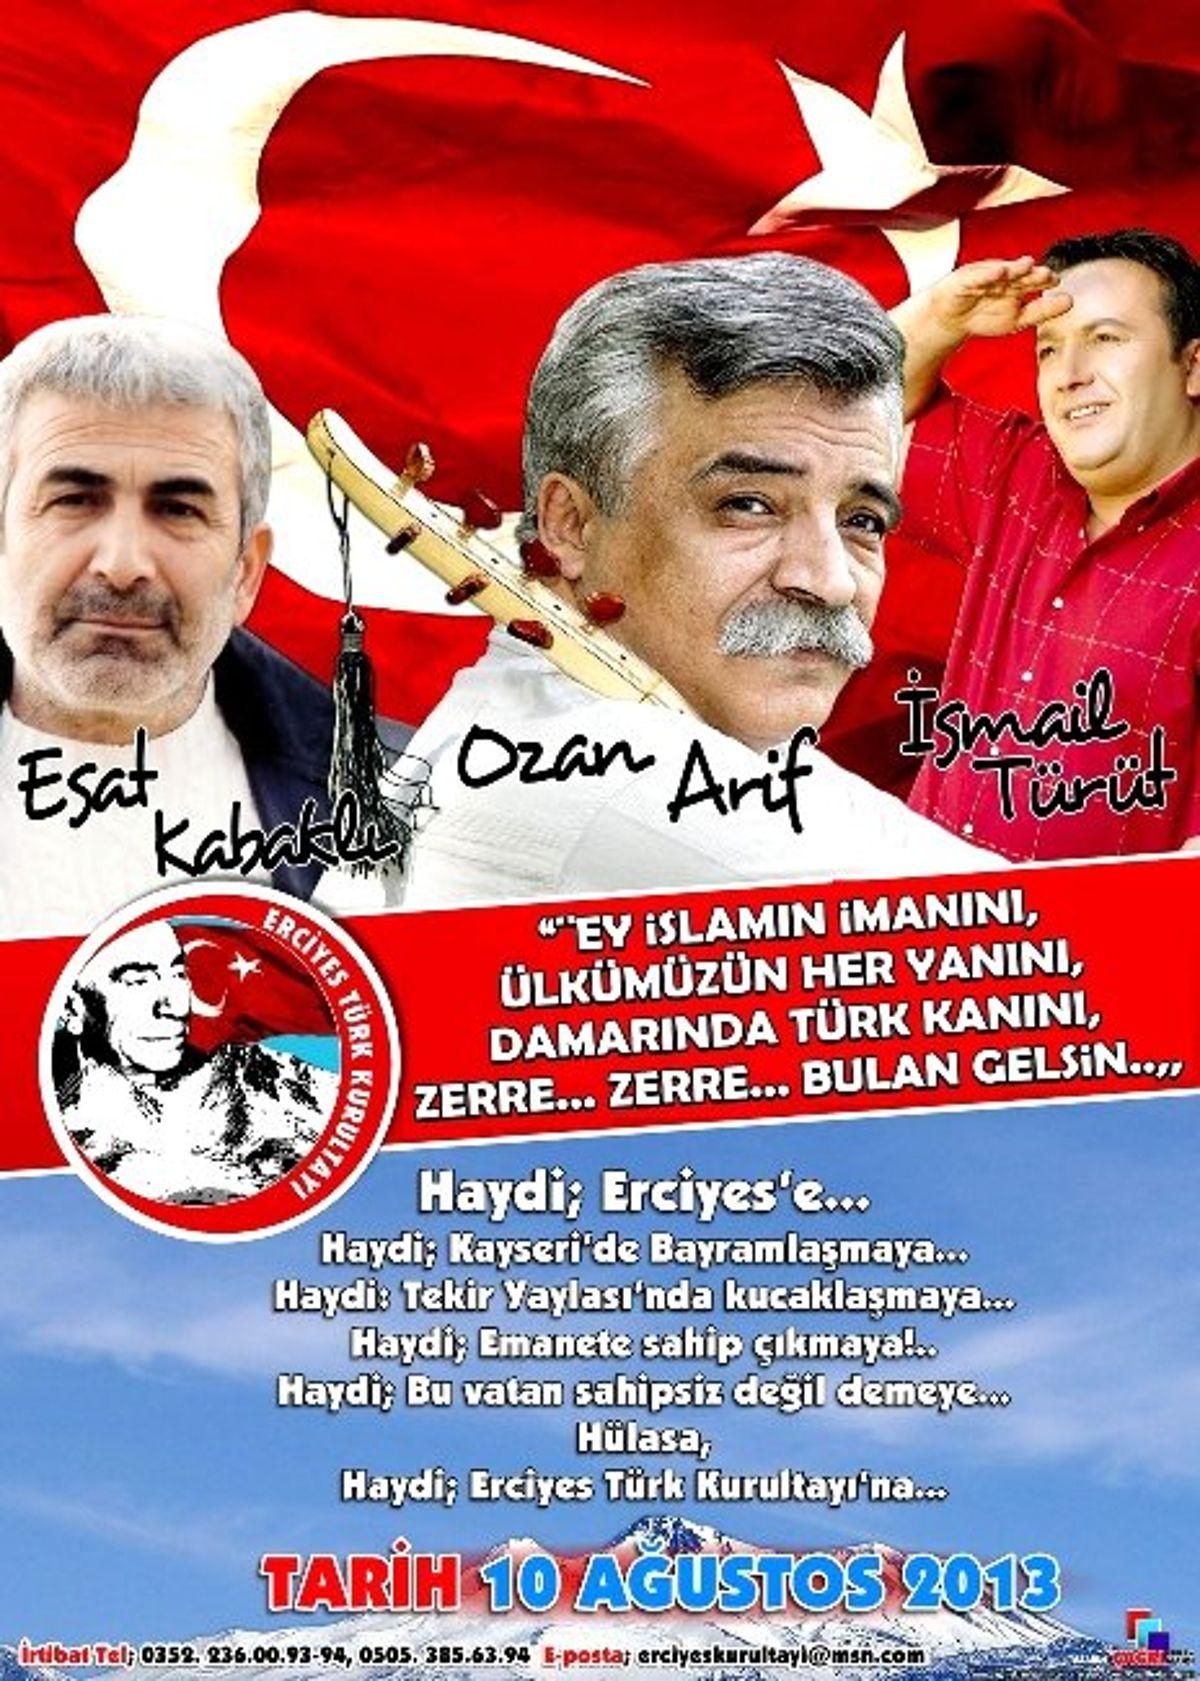 Ozan Arif, İsmail Türüt ve Esat Kabaklı Erciyes'e Geliyor